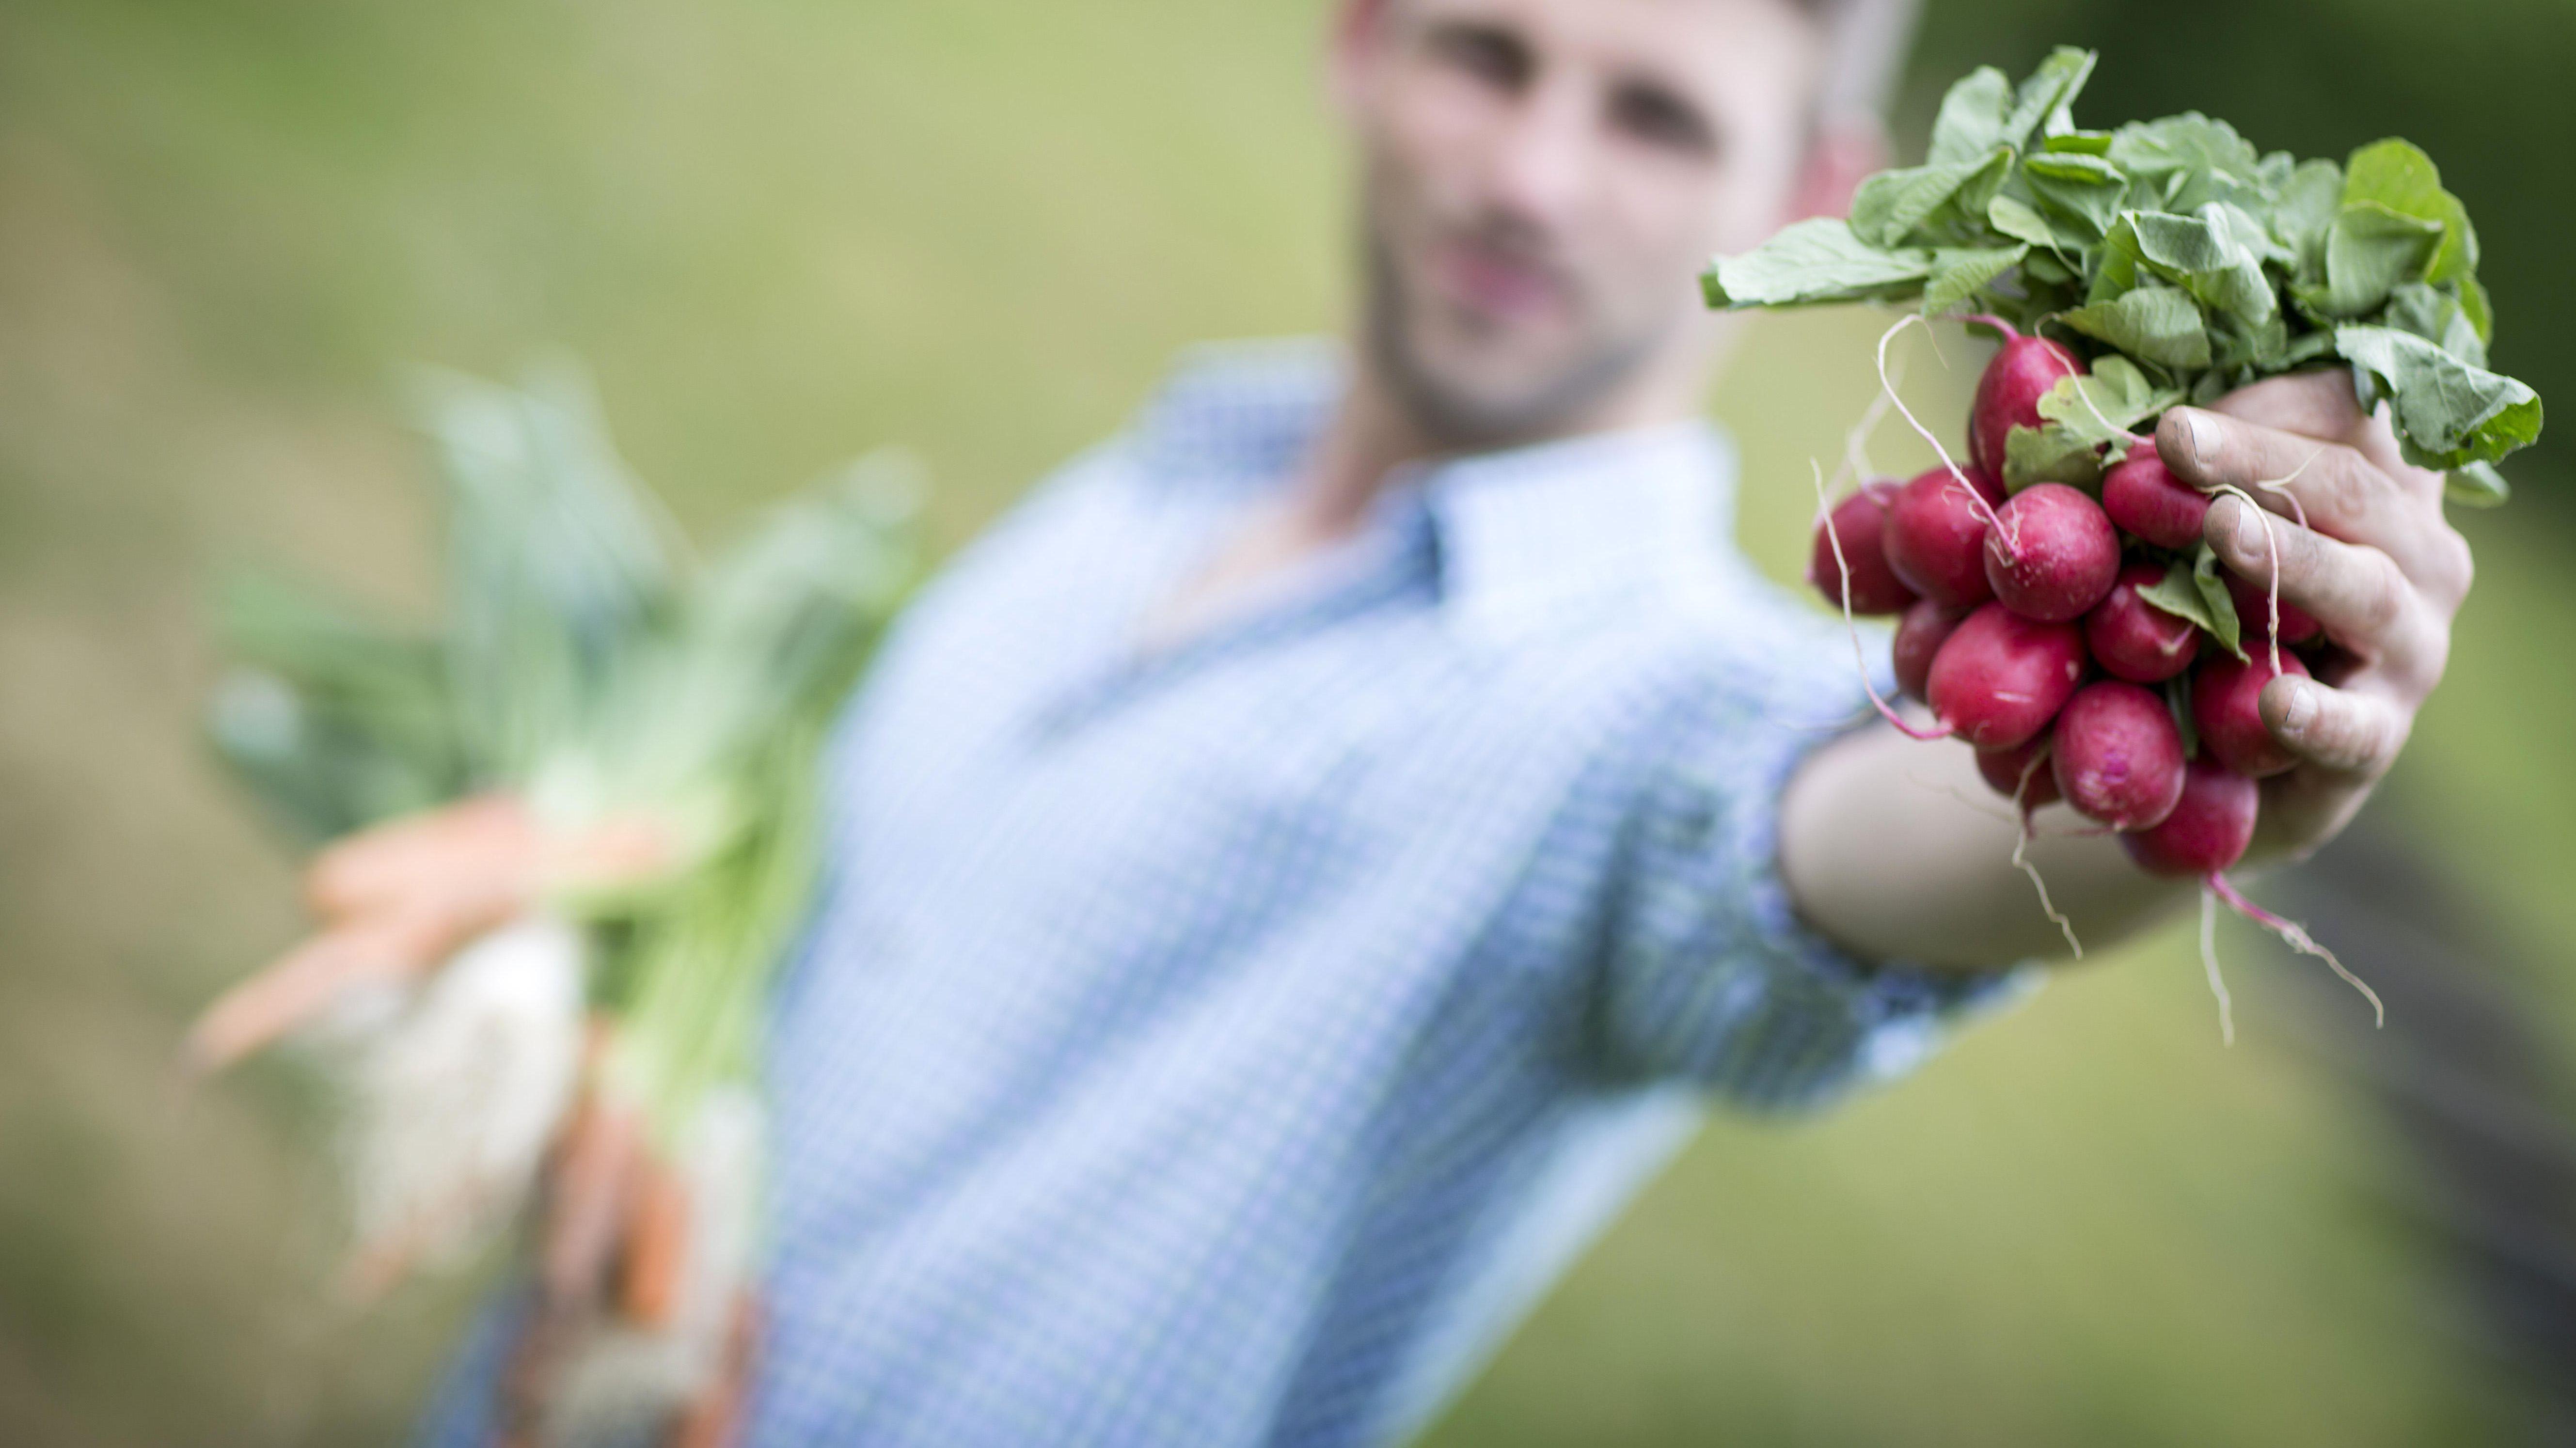 Mann hält Bund Radieschen ins Bild, in der anderen Hand hält er einen Bund Karotten